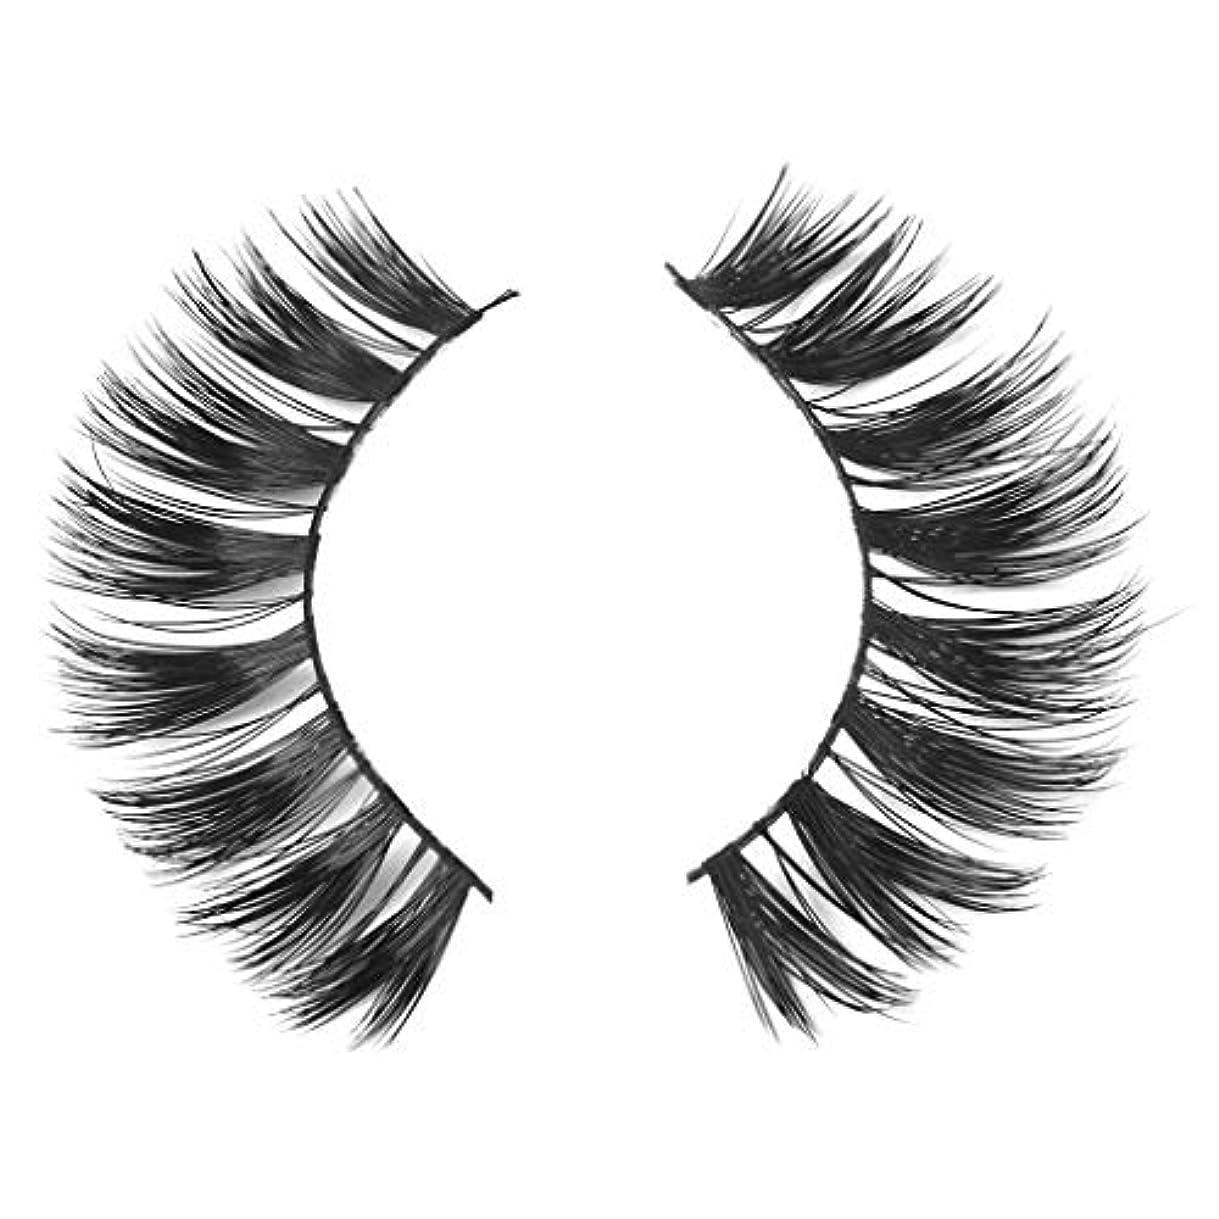 ローン甘くするブラストミンクの毛の自然な厚くなる化粧品の3D版のための一組のまつげ